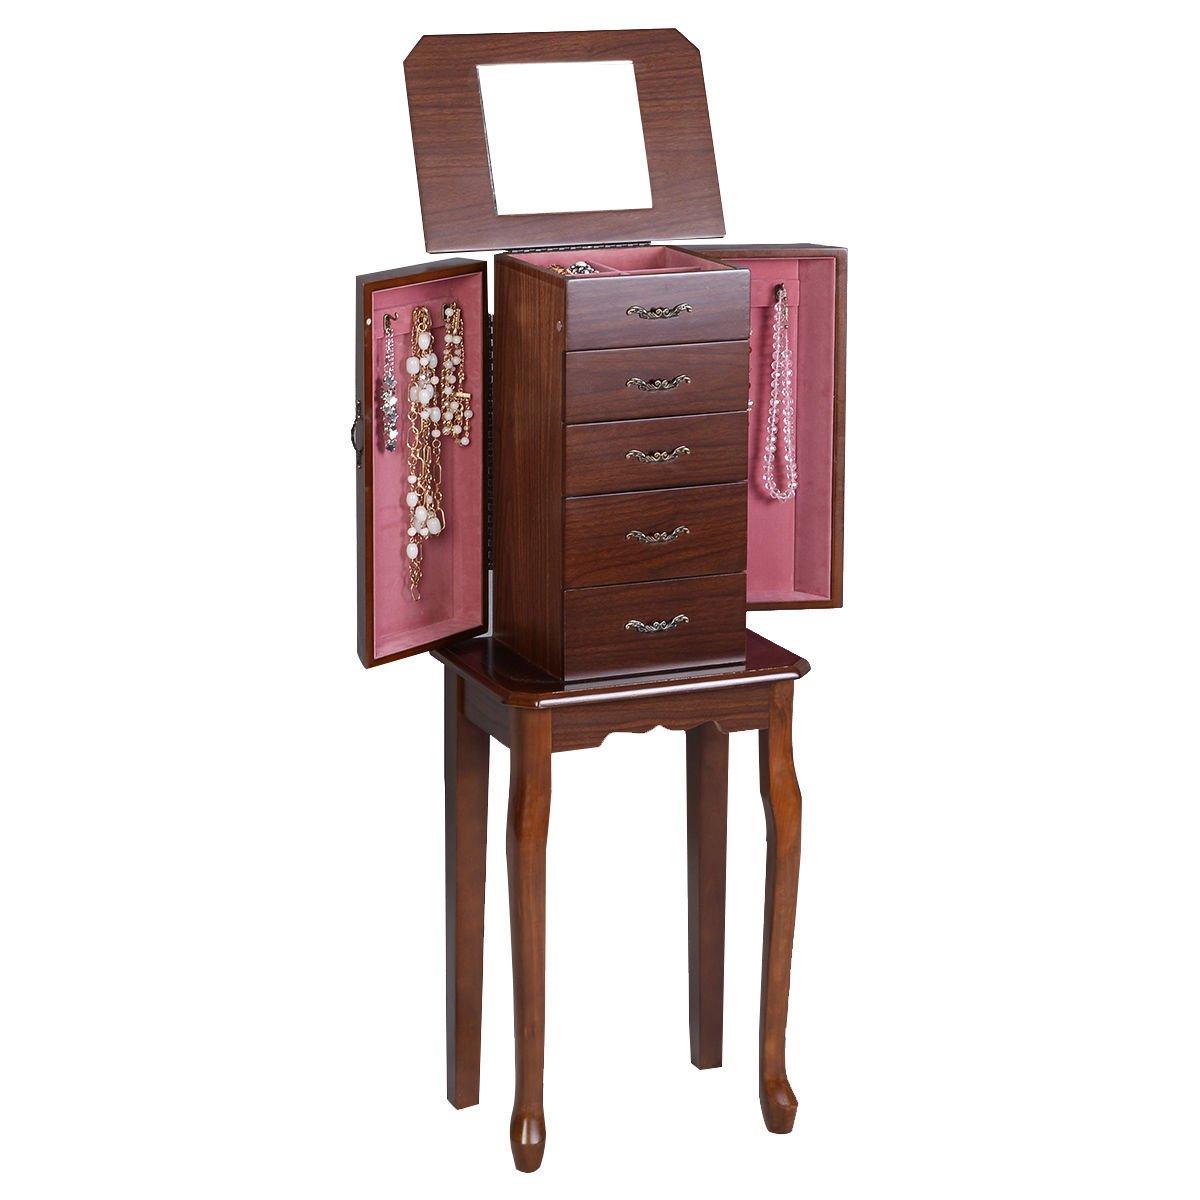 Giantex Jewelry Cabinet Armoire Storage Chest Stand Organizer Wood Box Walnut by Giantex